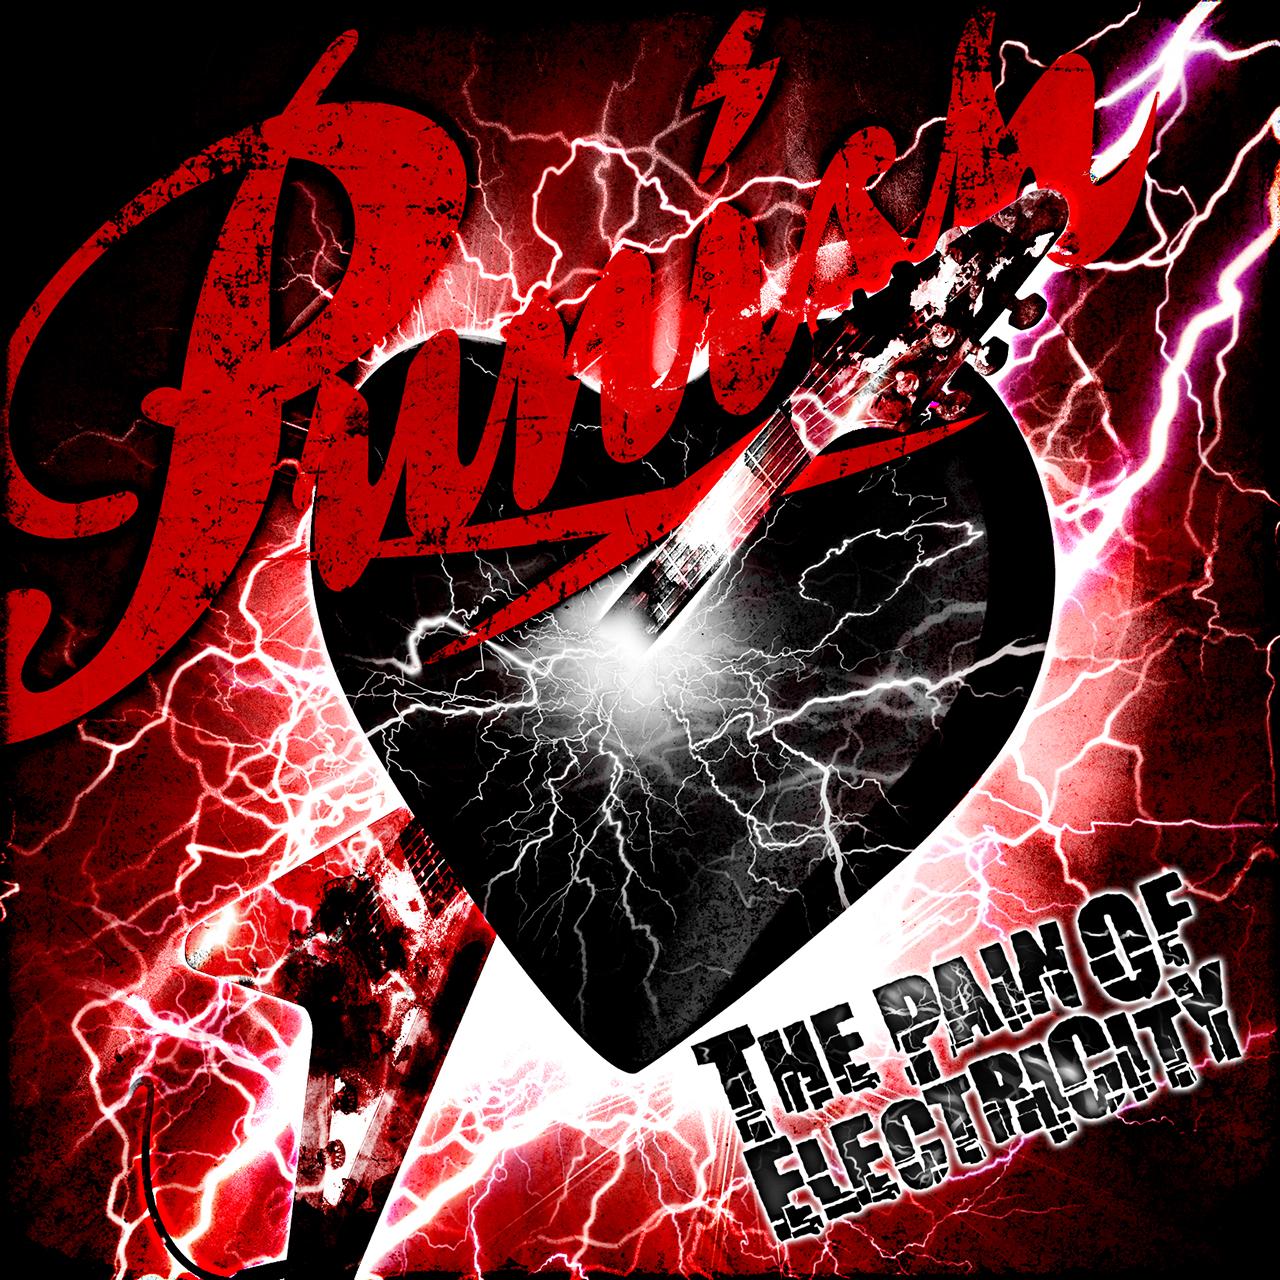 【お知らせ】CD:『THE PAIN OF ELECTRICITY』Punish 再プレス決定!!